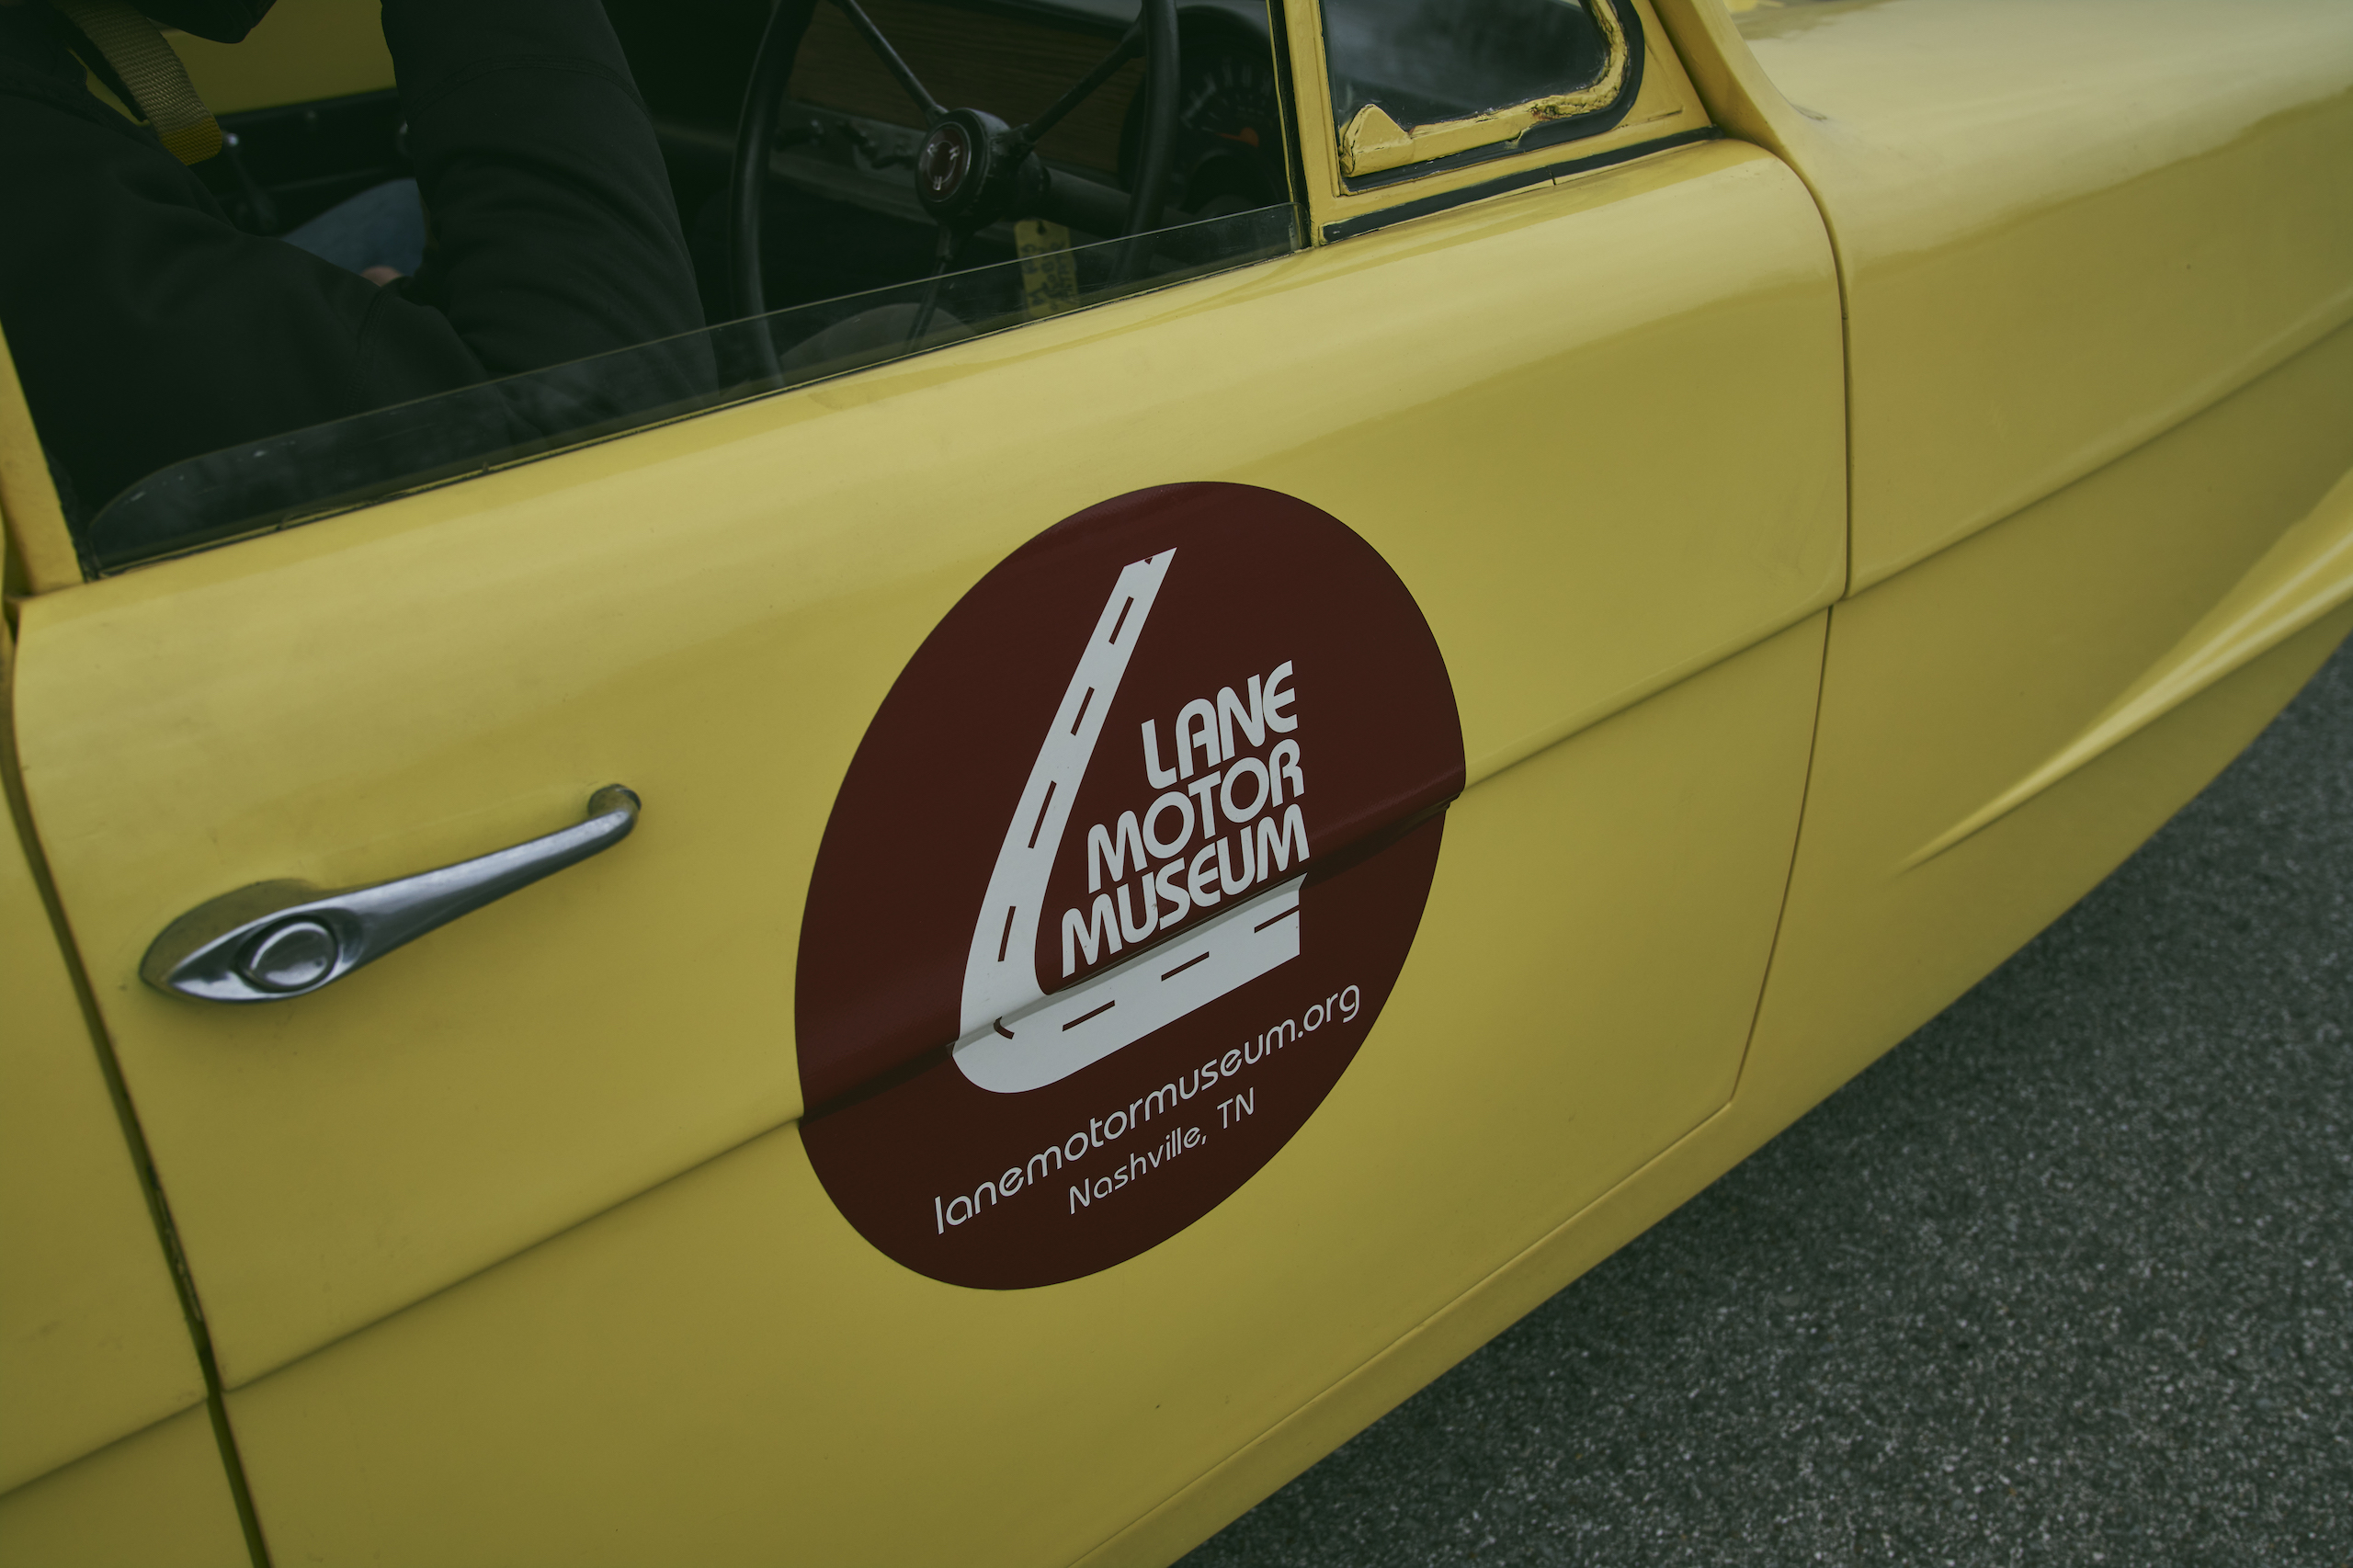 1971 Reliant Regal 330 door panel decal lane motor museum